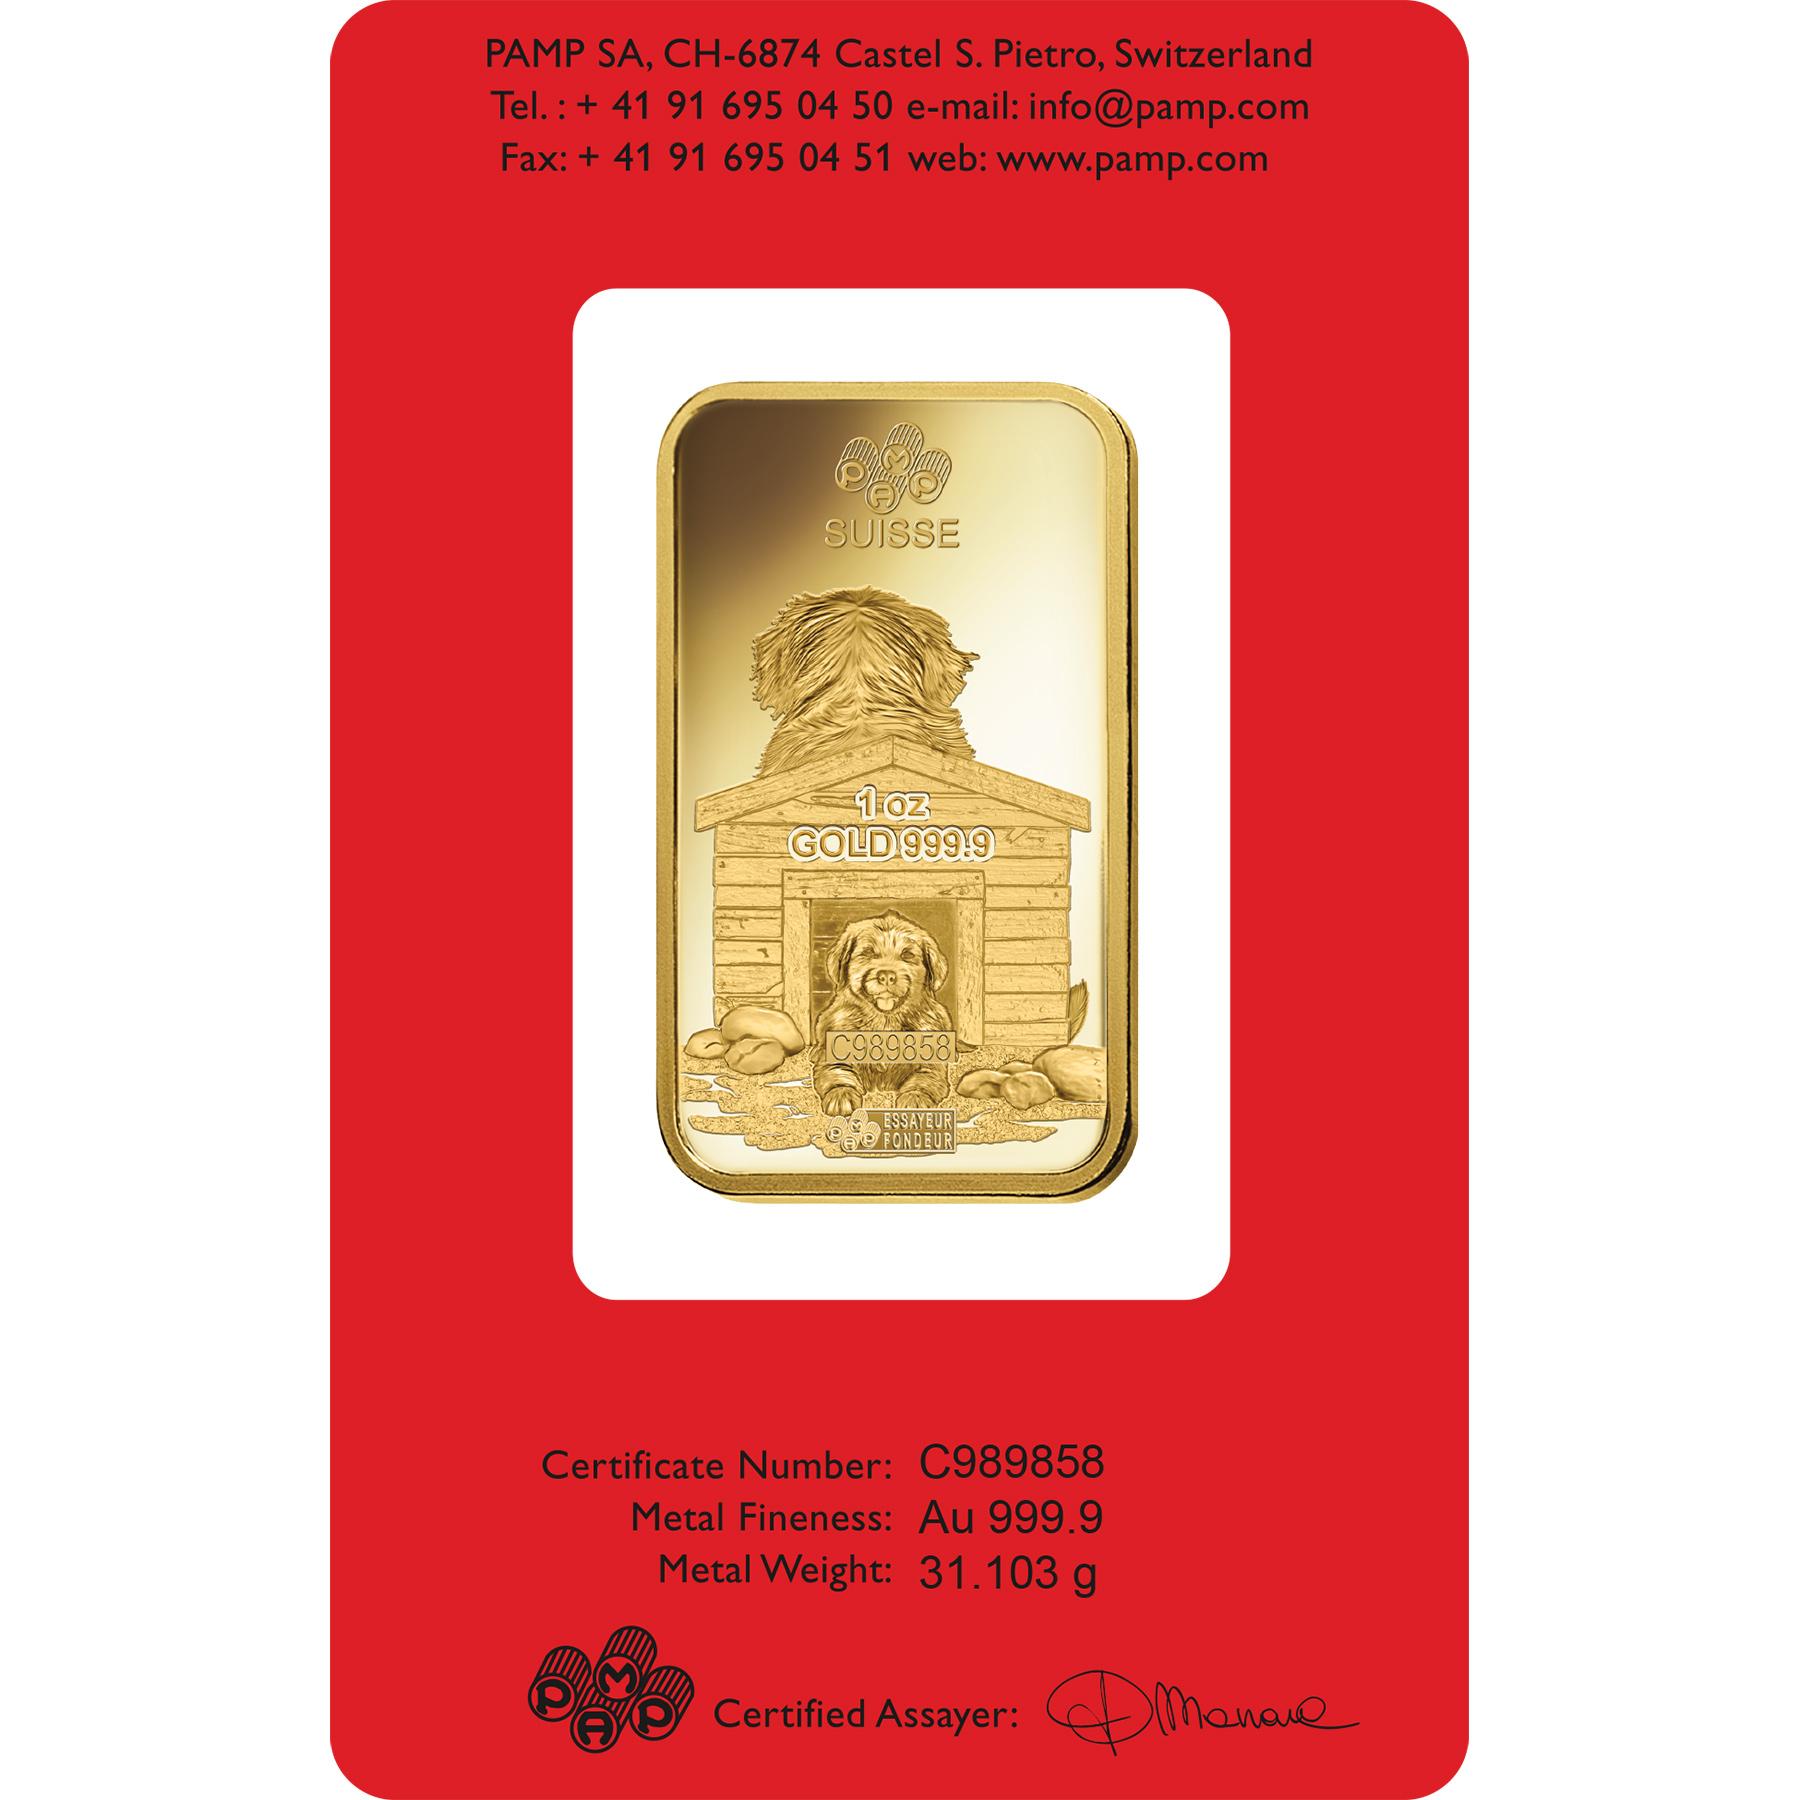 1 oz Fine Gold Bar 999.9 - PAMP Suisse Lunar Dog